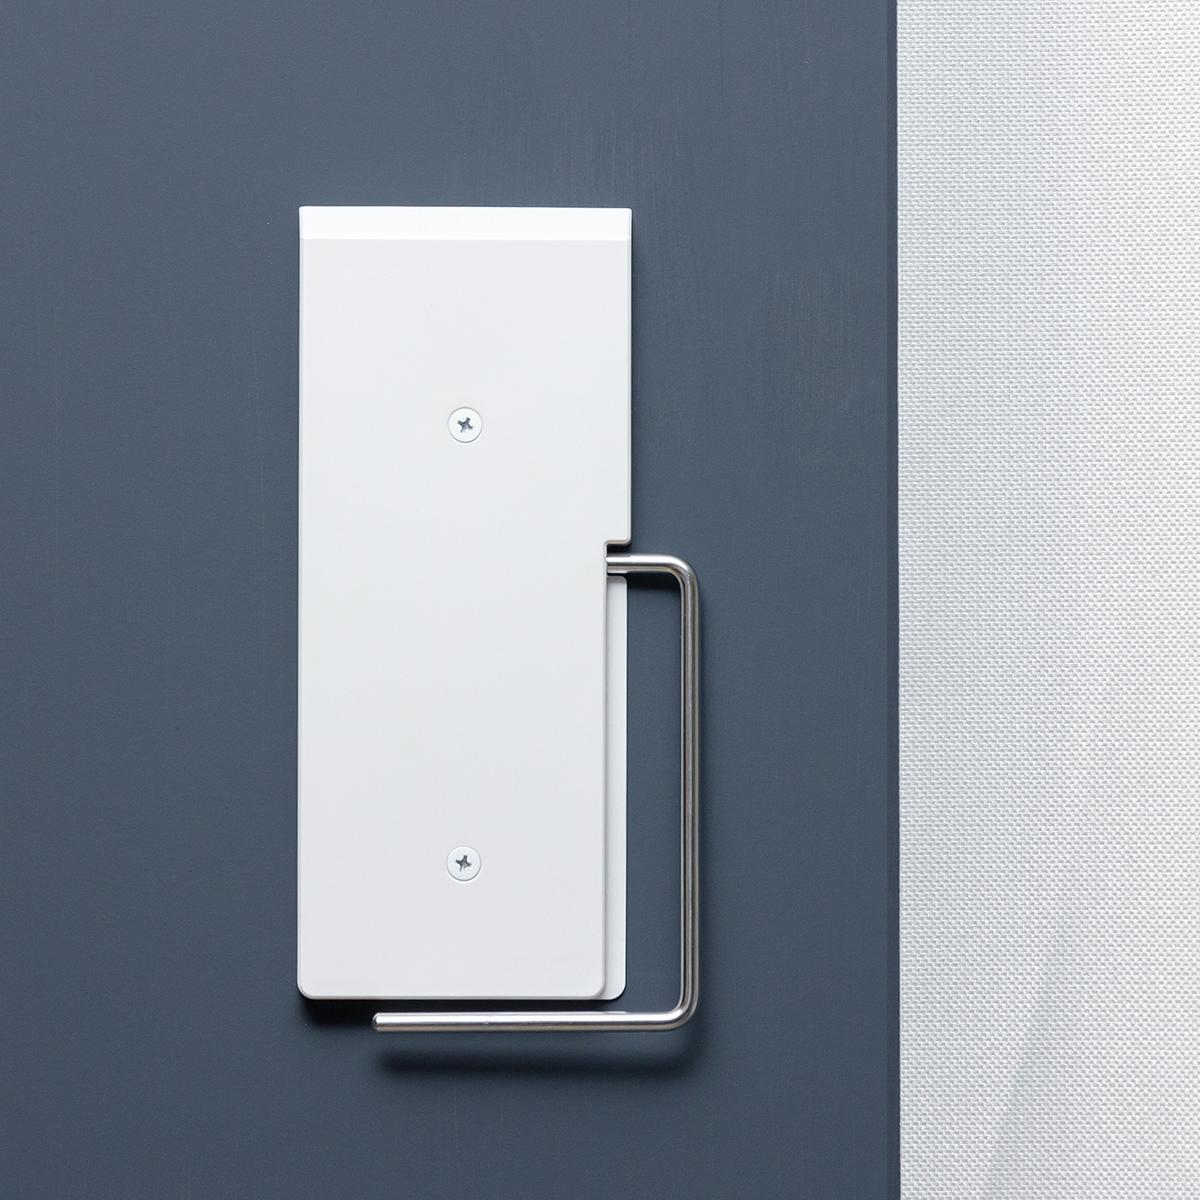 スマートに「壁掛け収納」できる。穴が目立たない極細ピンで、コードレス掃除機をスマートに壁掛けできるフック|Pinde(ピンデ)